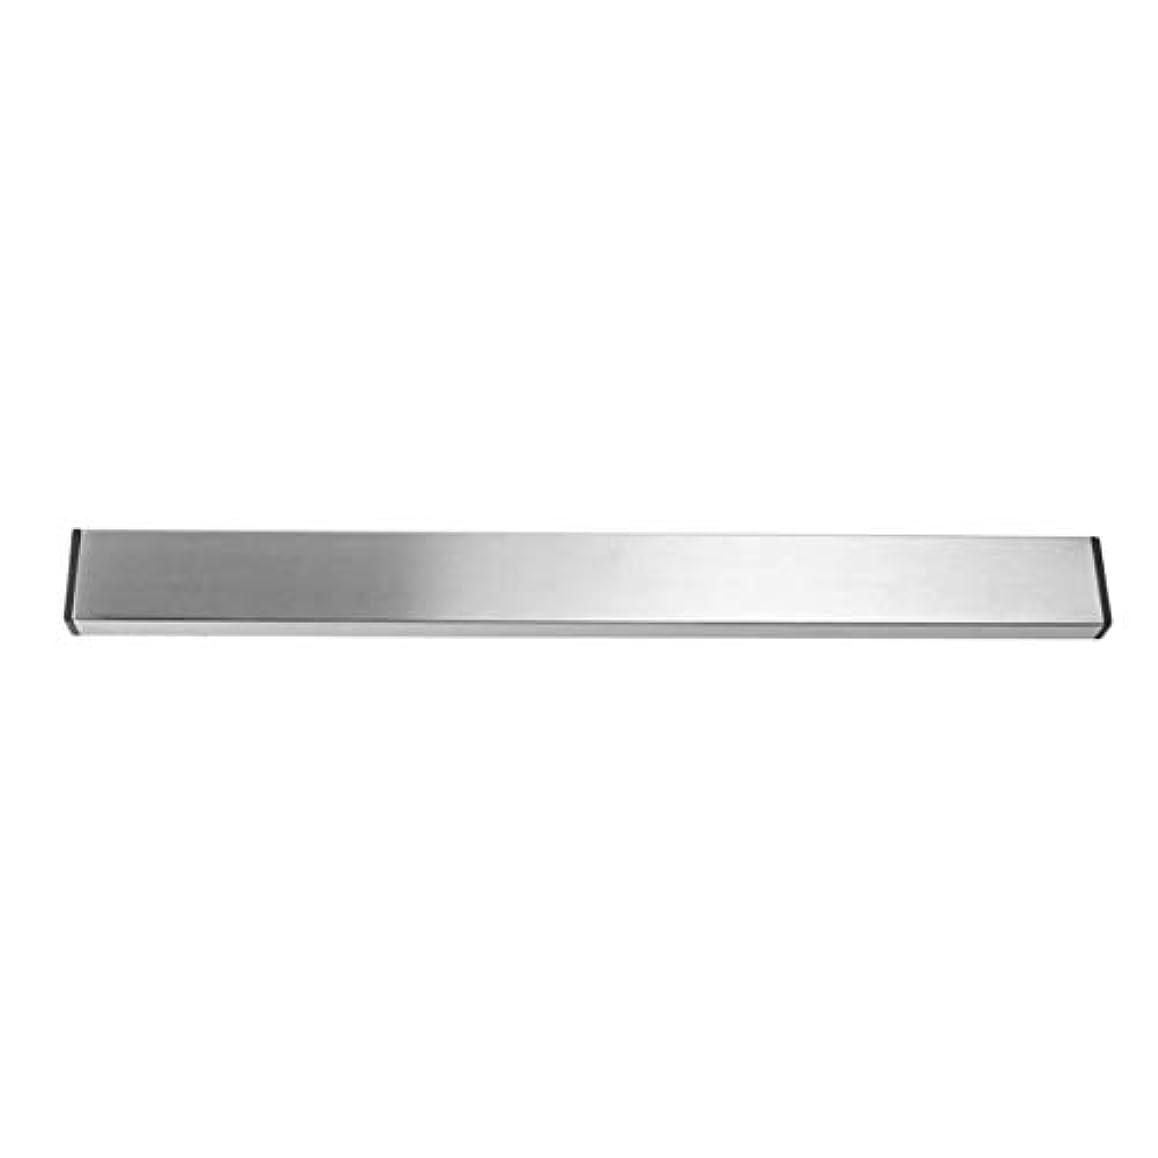 キャンバスジェット患者Saikogoods 実用的なホーム台所の壁マウントされた磁気ナイフホルダー耐久性のあるステンレススチール簡単に保存ナイフは台所用具ラック 銀 M